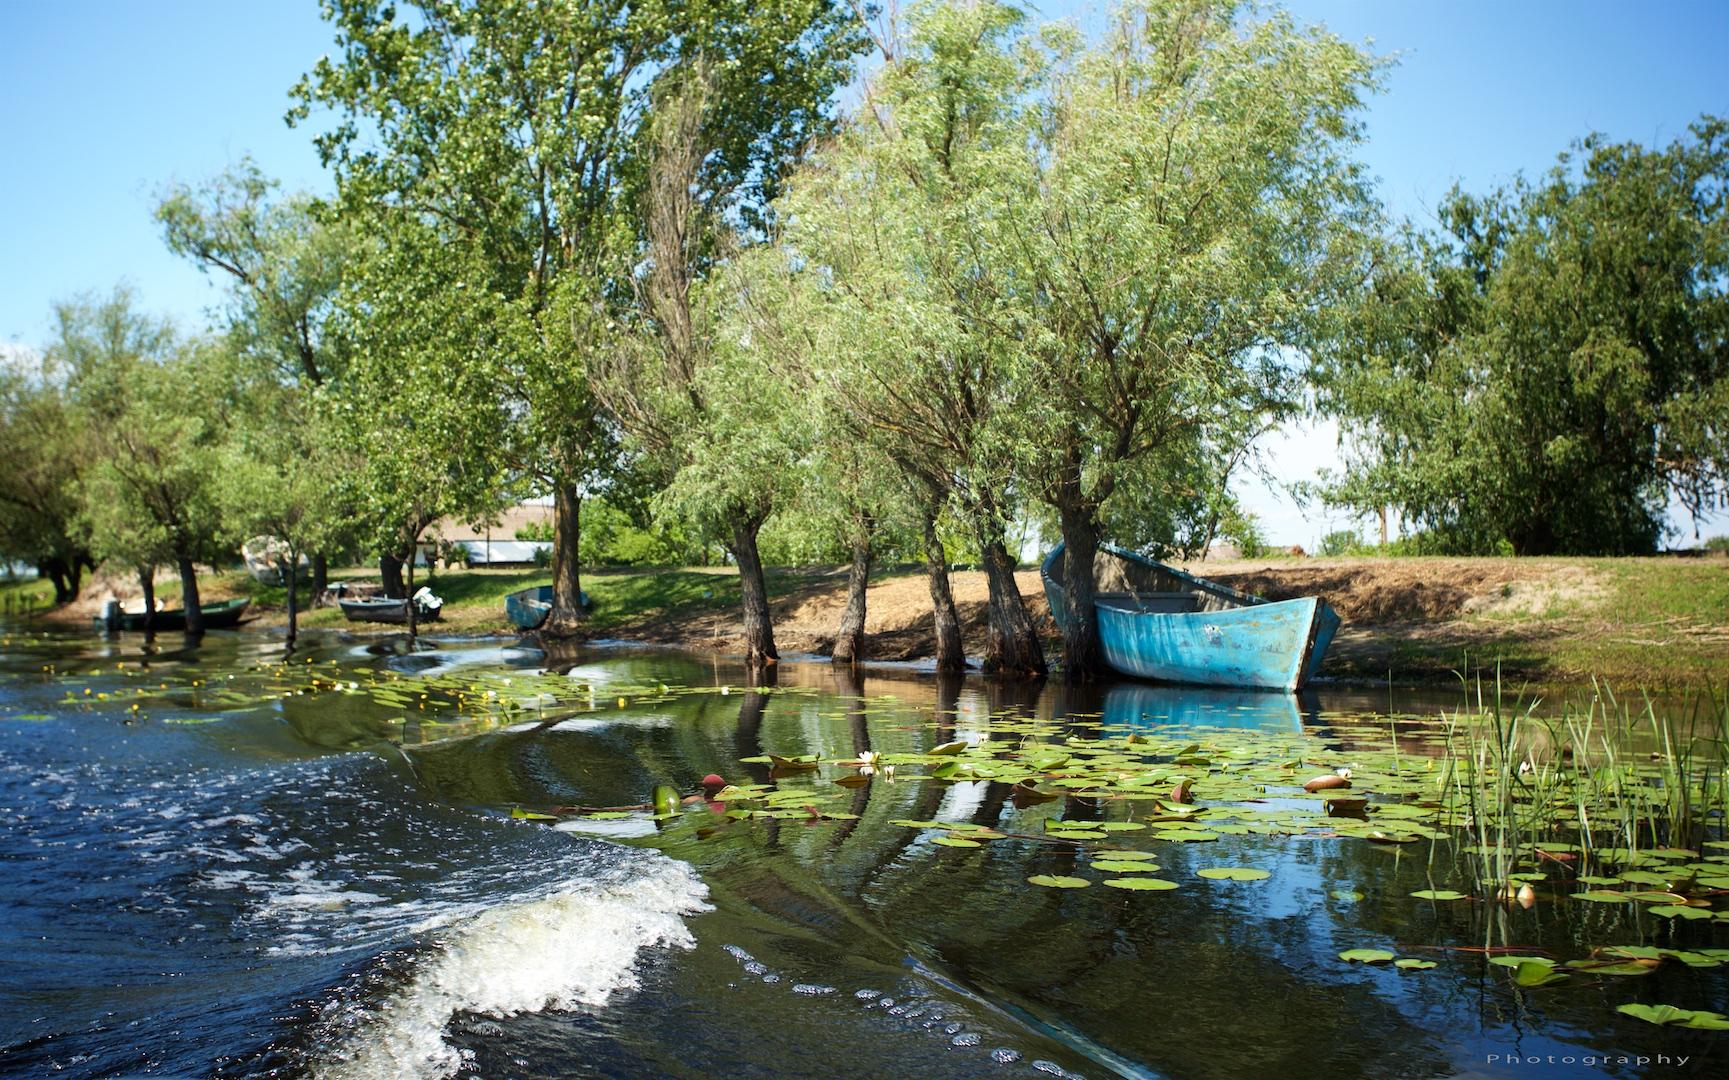 Common landscape in the Danube Delta